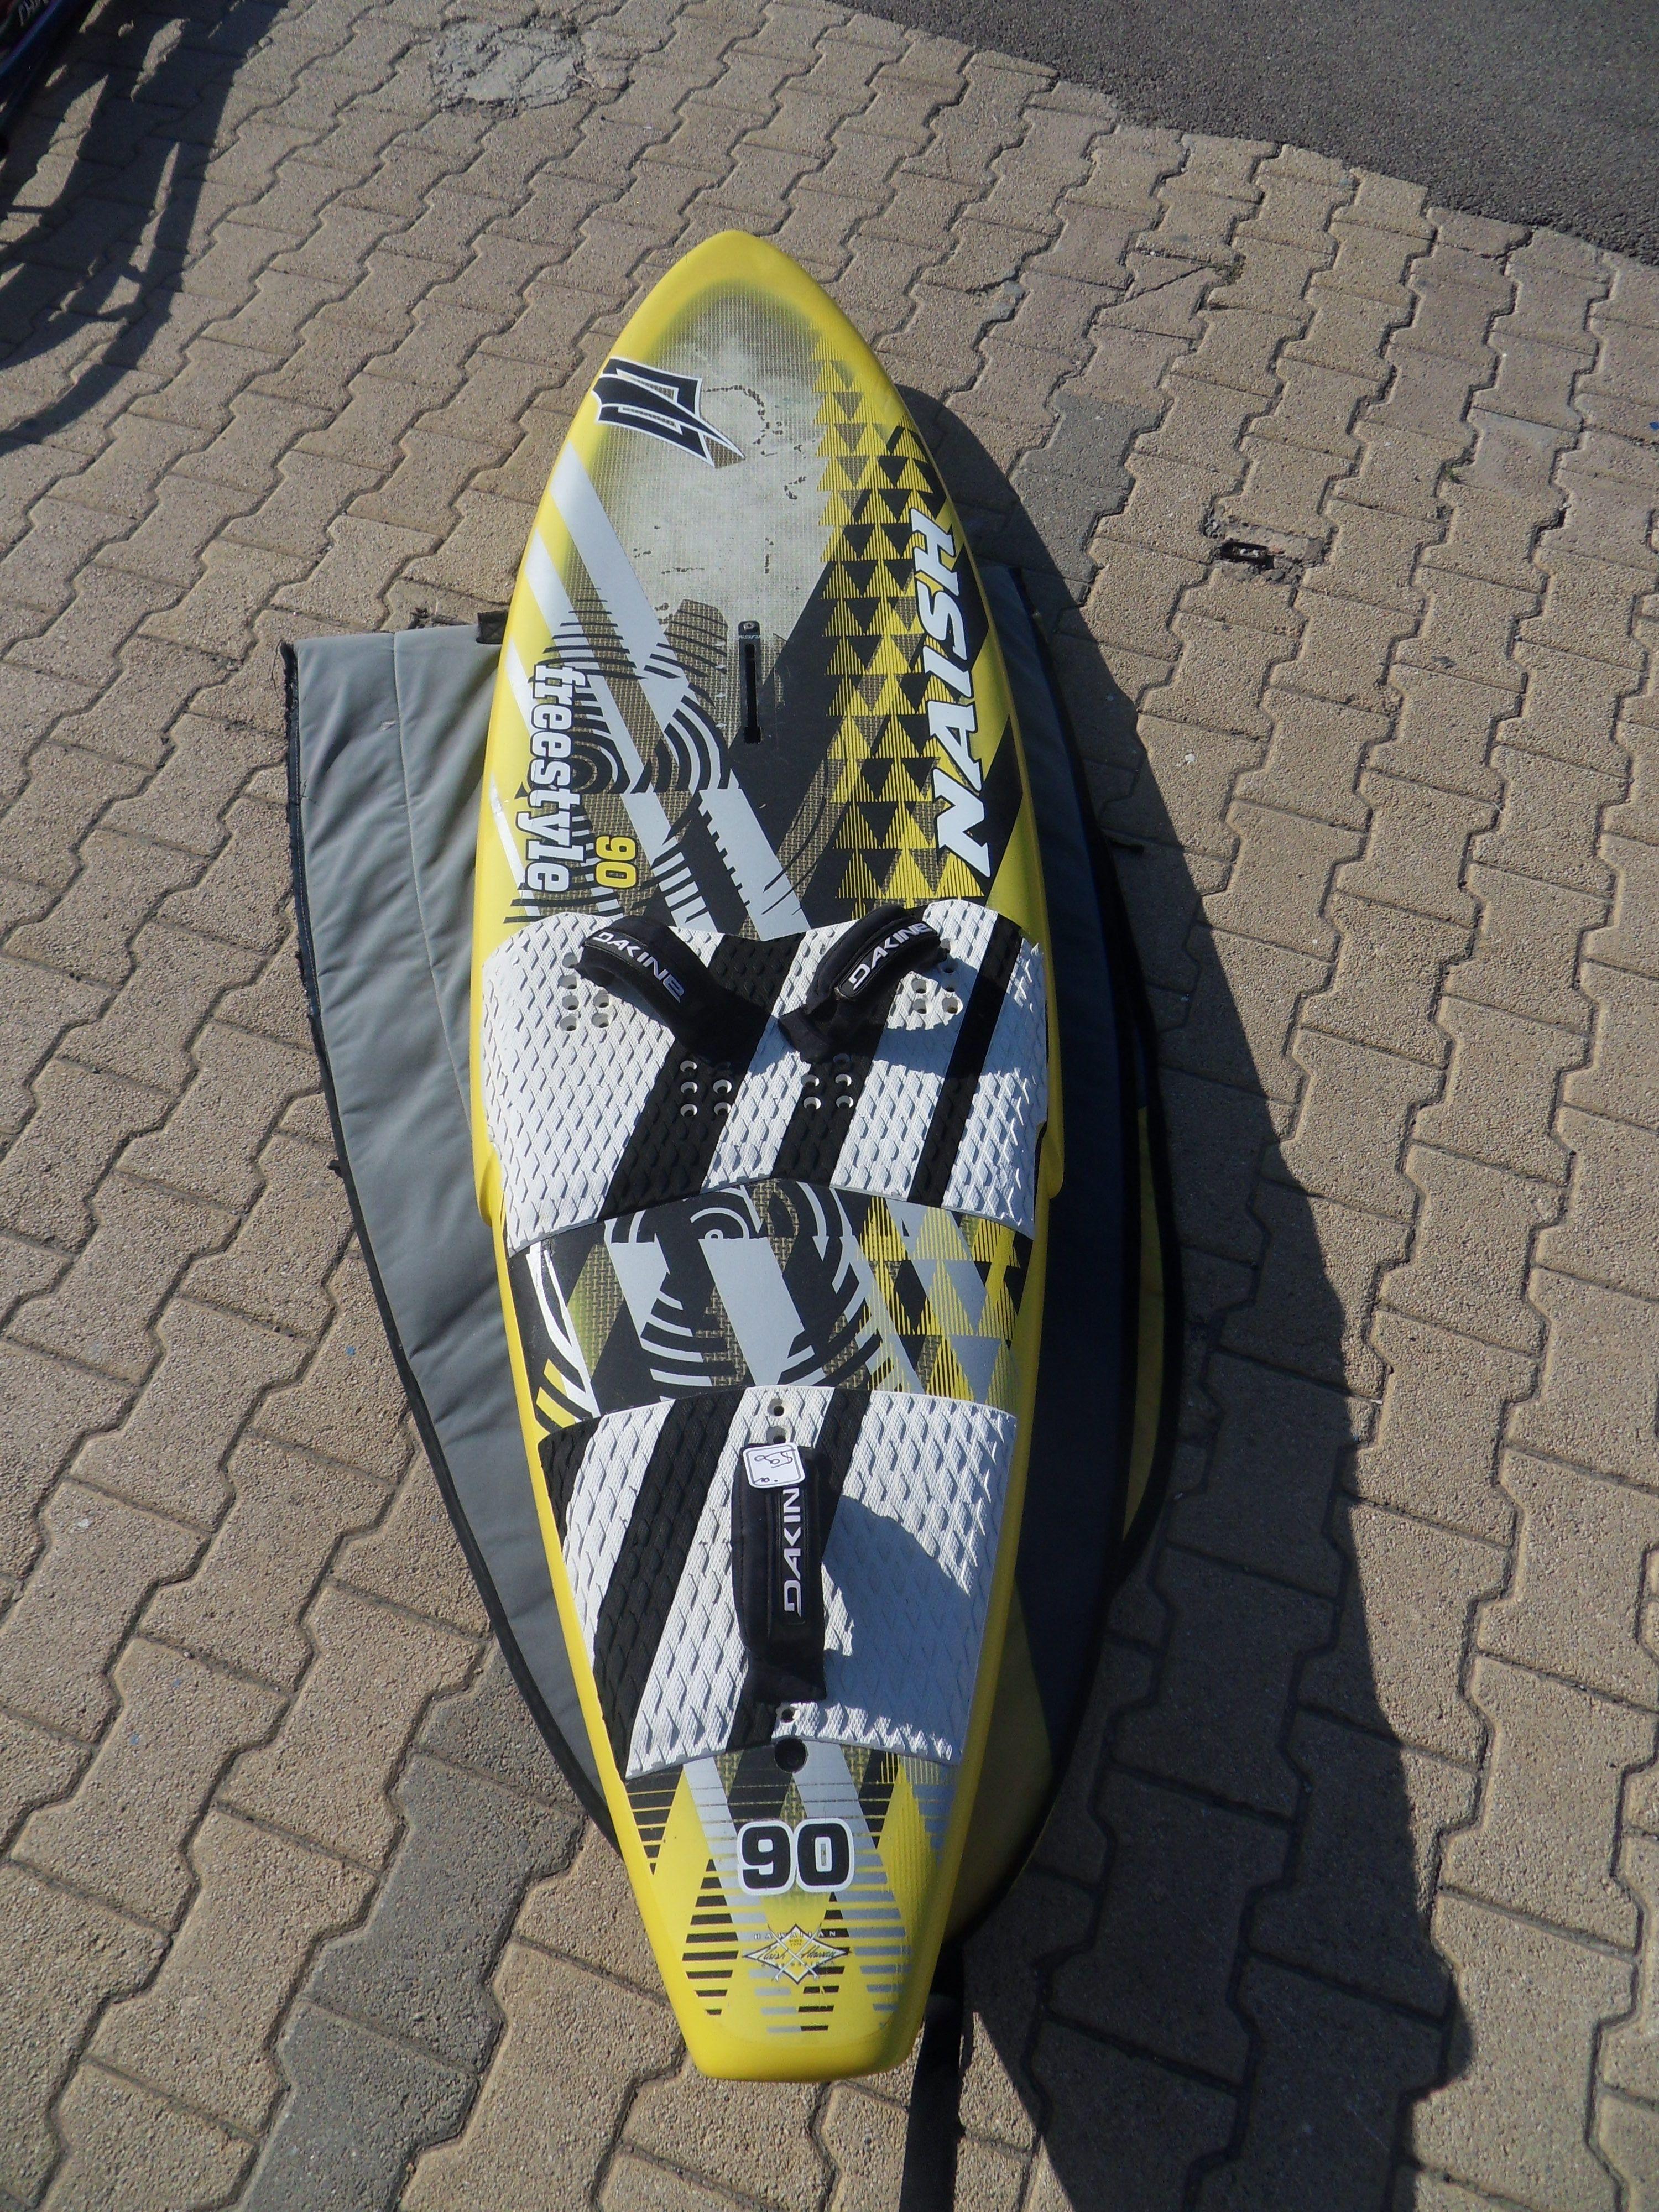 Naish Freestyle 90 Carbon 2013 Bon Etat 227x60 5 90litres 390e ¦ィンドサーフィン µーフィン